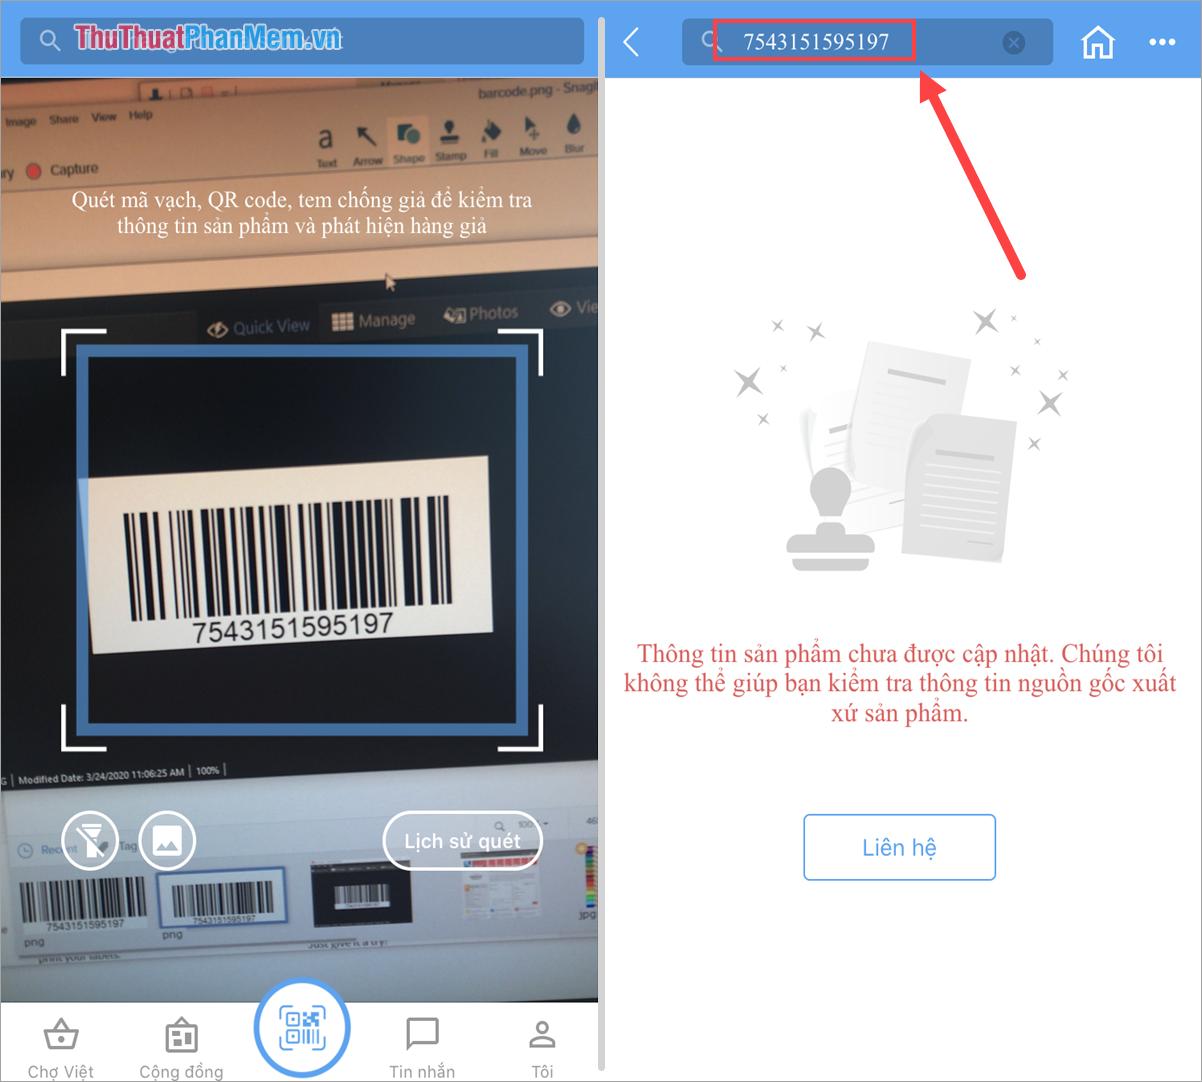 Kiểm tra Barcode bằng điện thoại